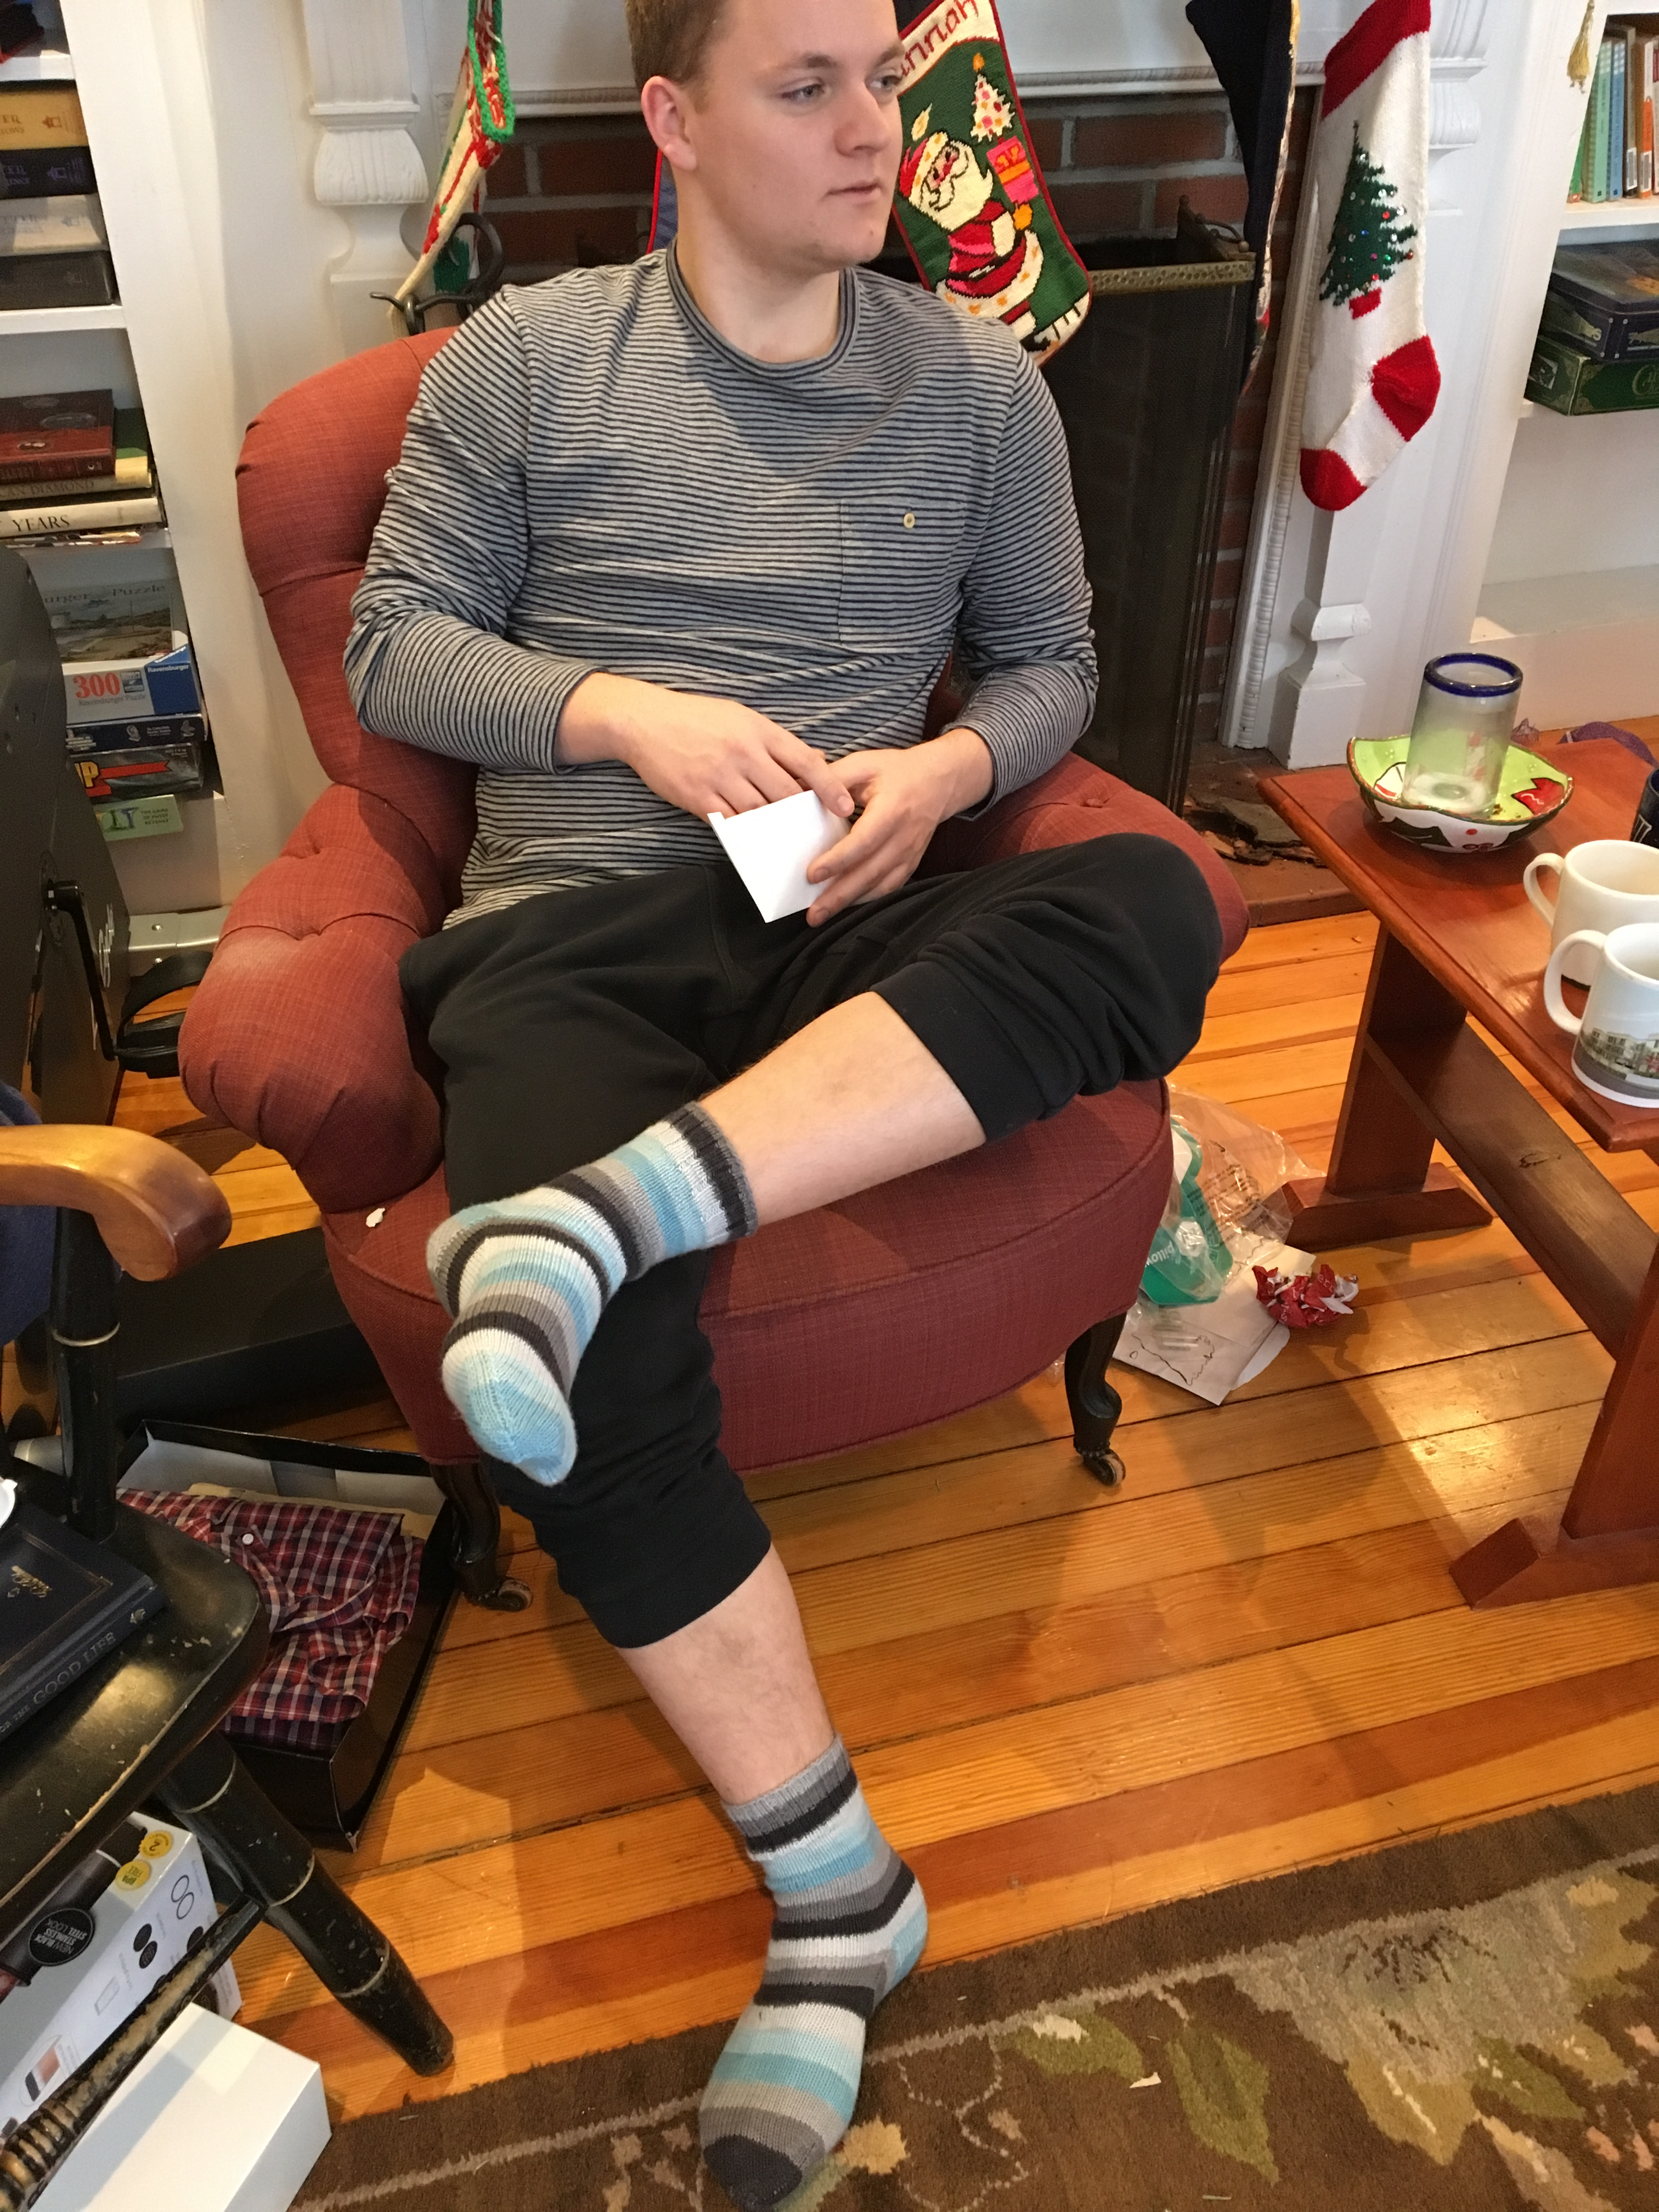 Kevin-socks